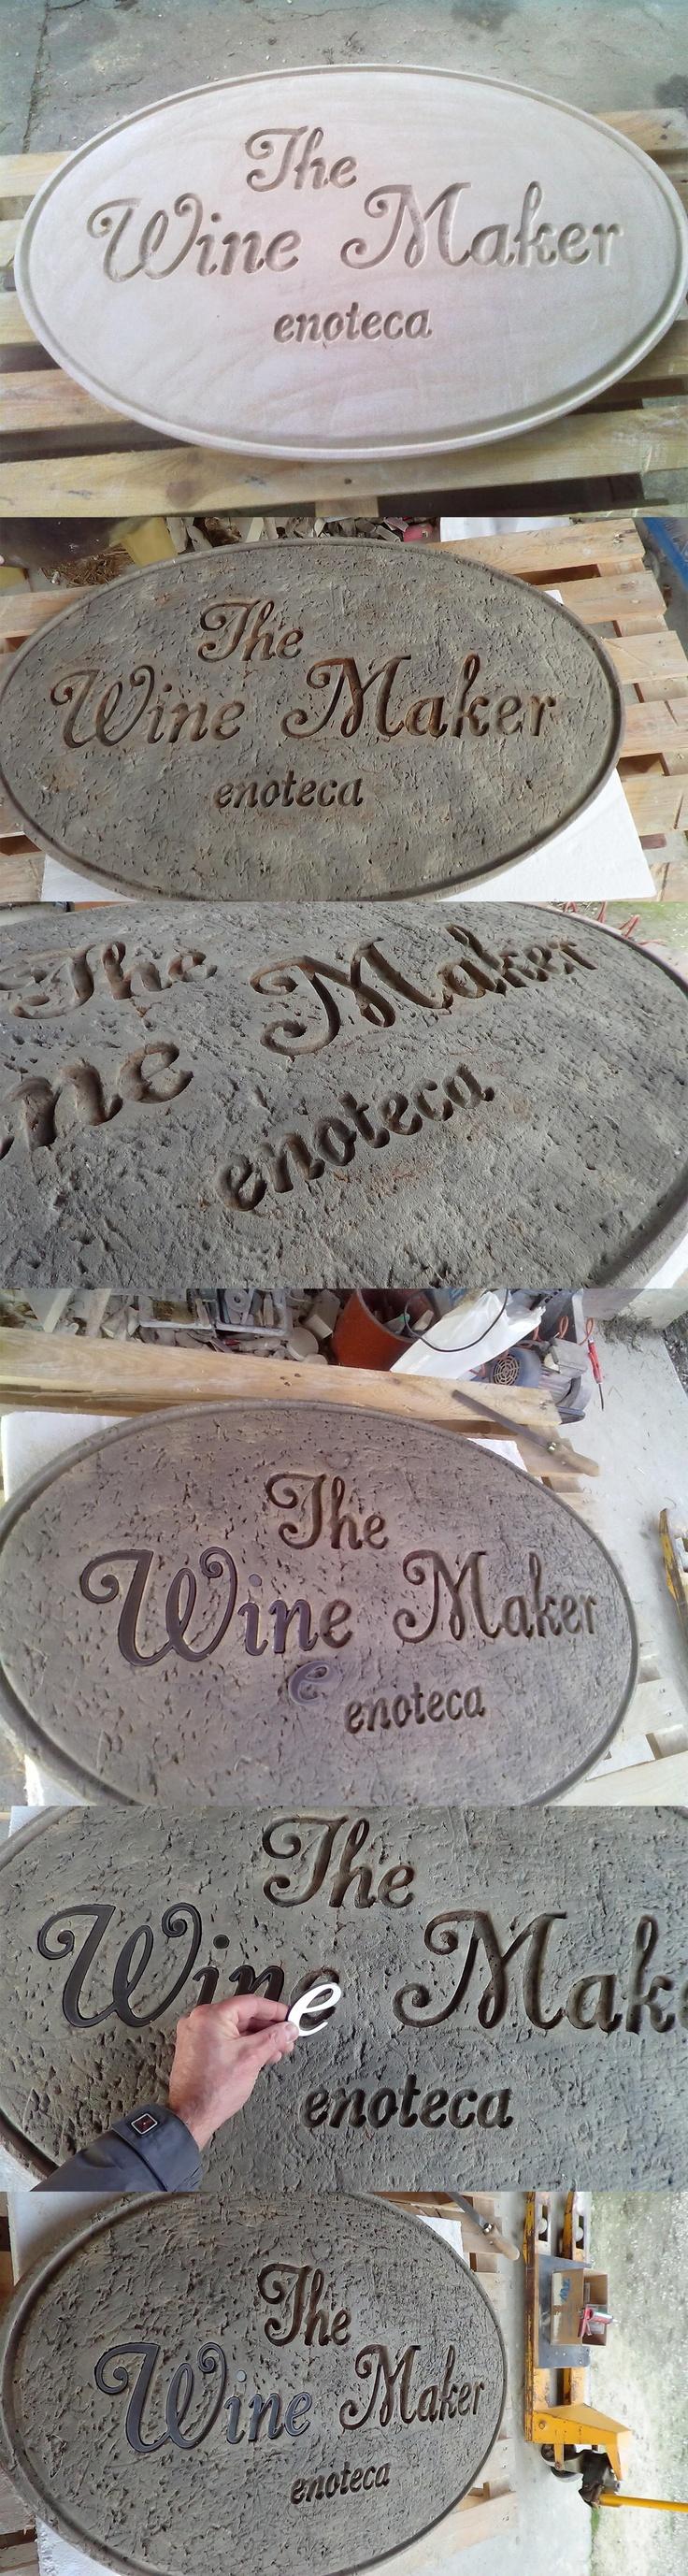 Targa in pietra per enoteca realizzata interamente a mano con lettere in acciaio intagliate a laser.  www.guidoborgonovo.it